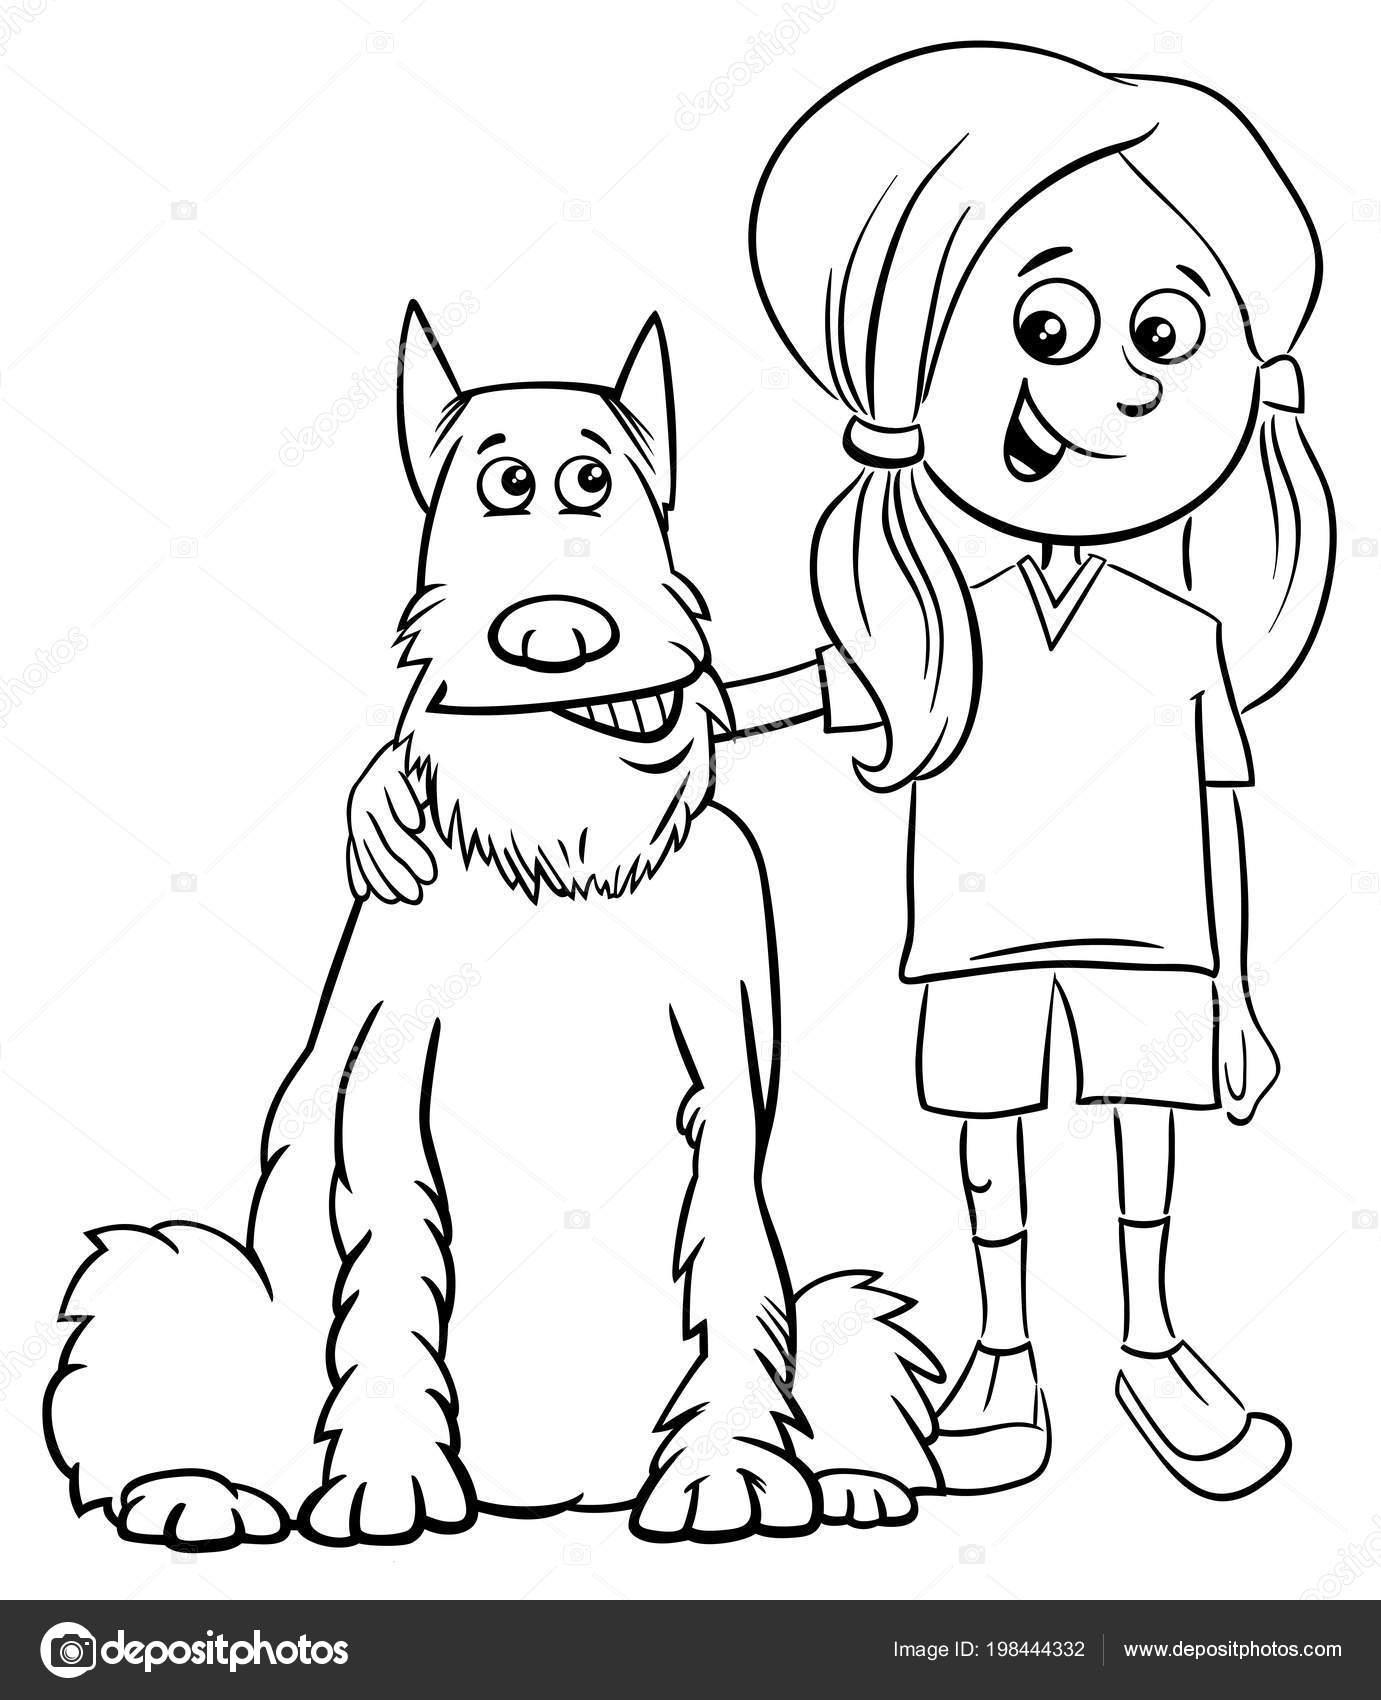 Dibujos Niñas En Blanco Y Negro Ilustración Dibujos Animados